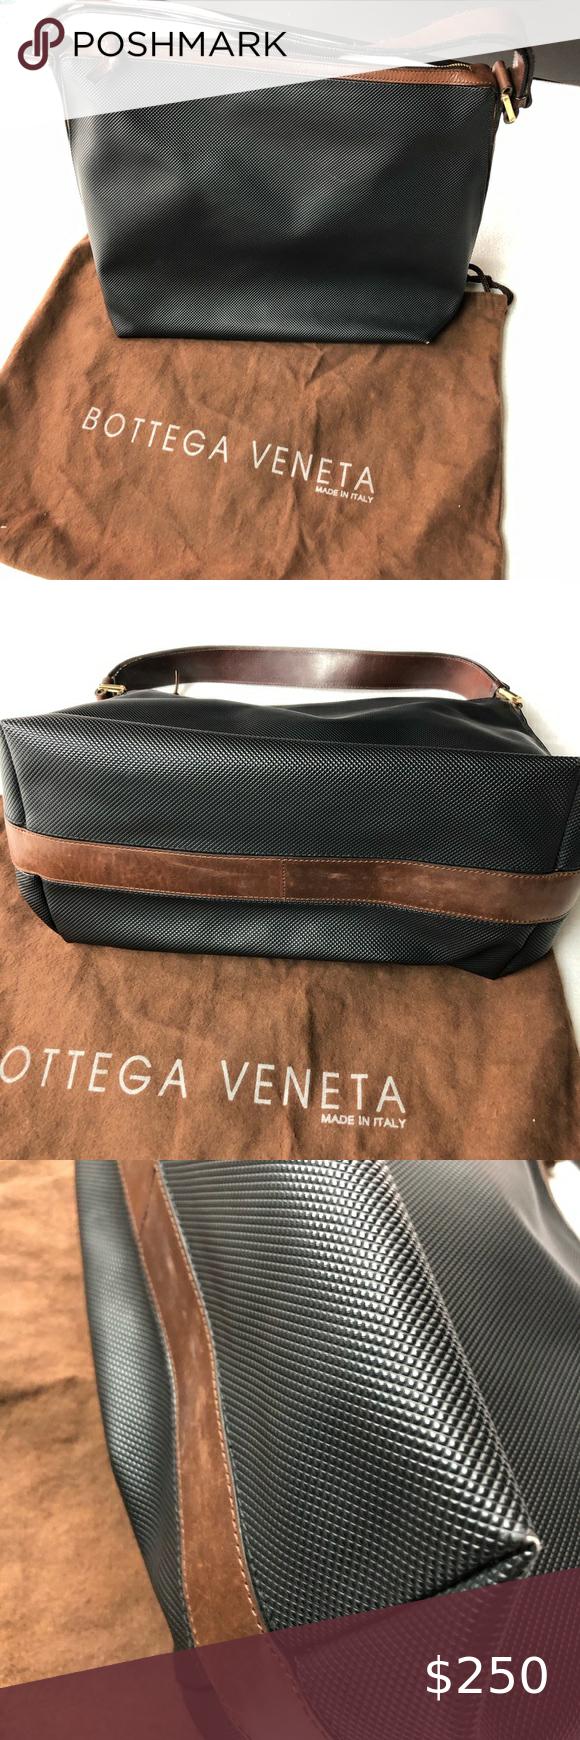 Bottega Veneta Vintage Black Leather Shoulder Bag In 2020 Leather Shoulder Bag Black Leather Shoulder Bag